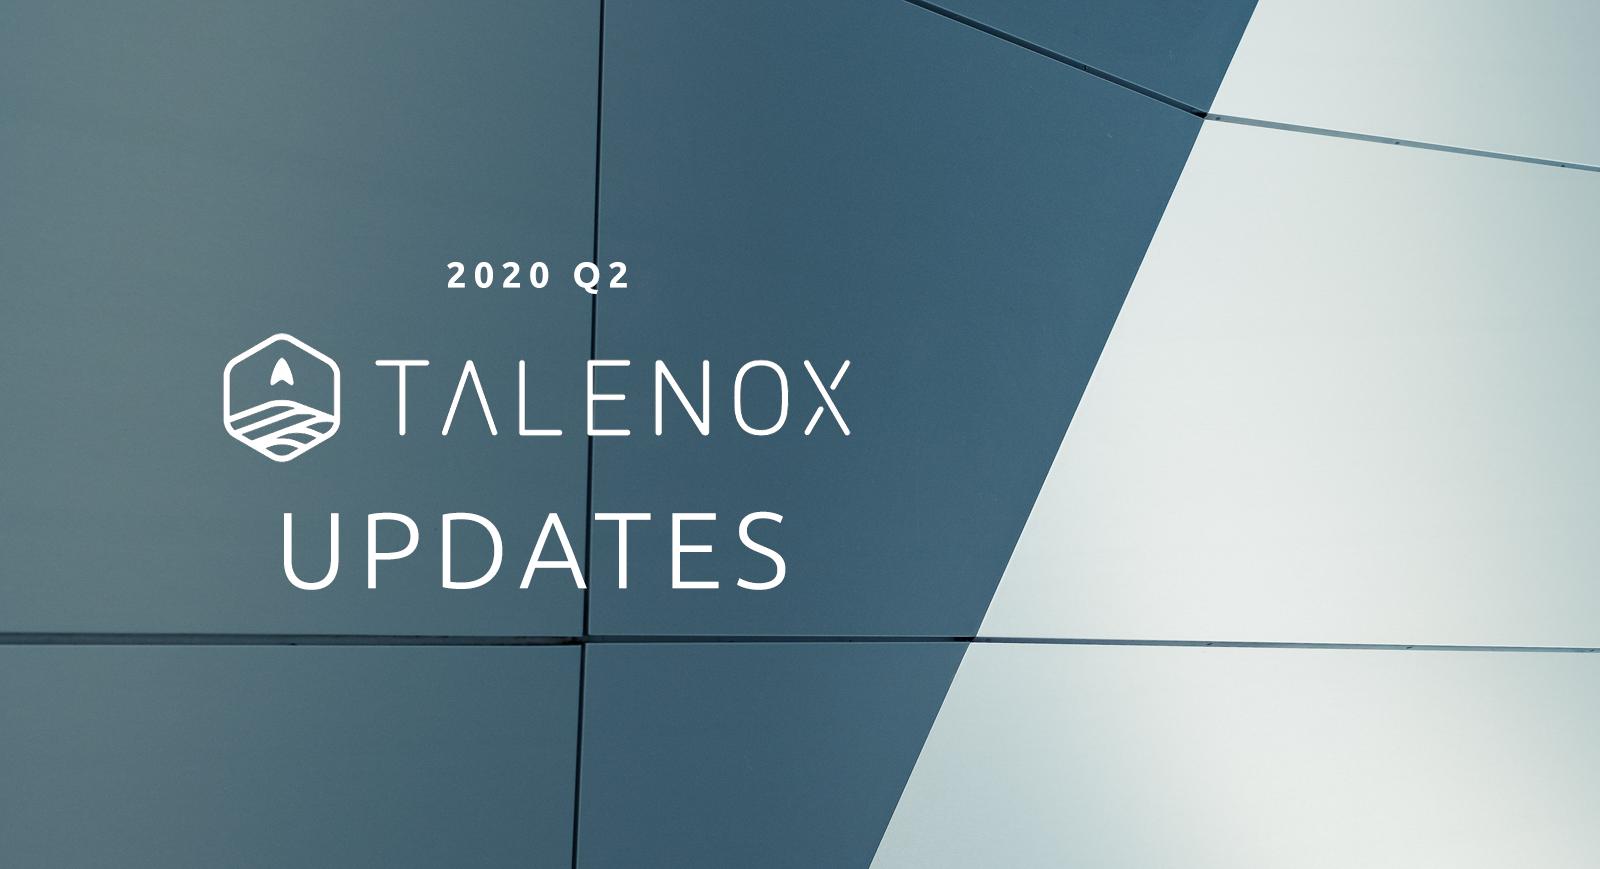 talenox updates 2020 q2